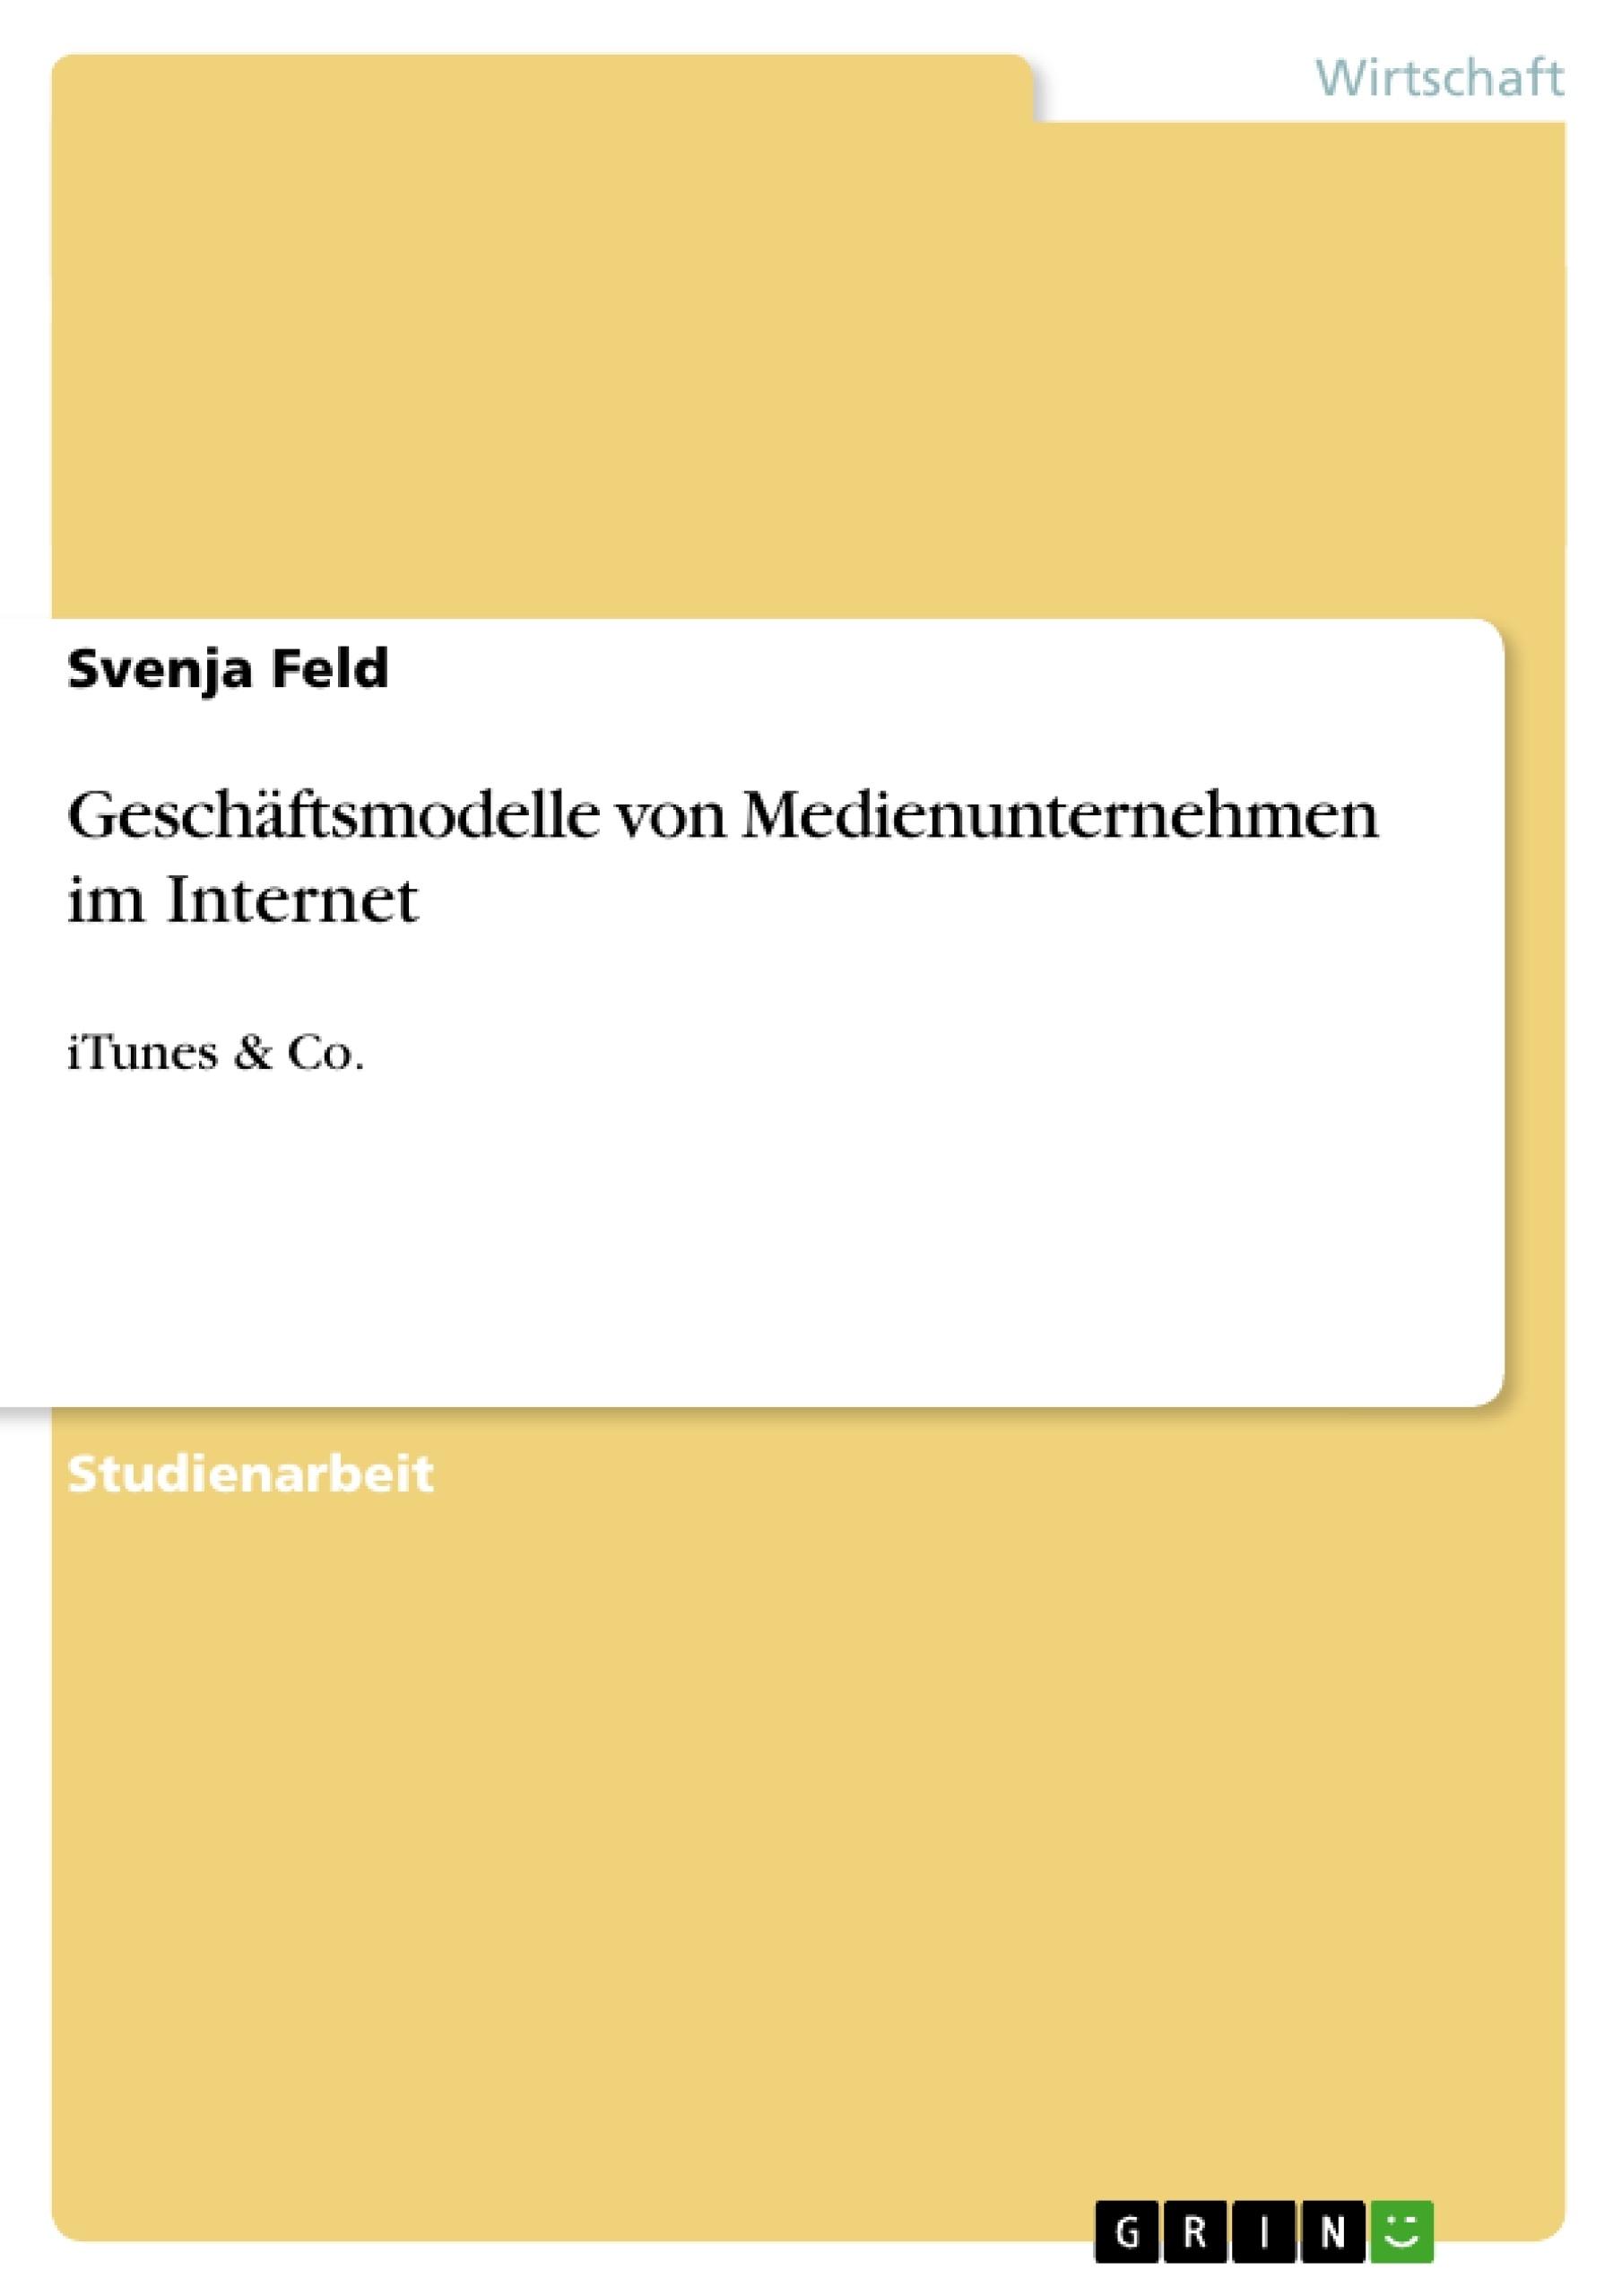 Titel: Geschäftsmodelle von Medienunternehmen im Internet